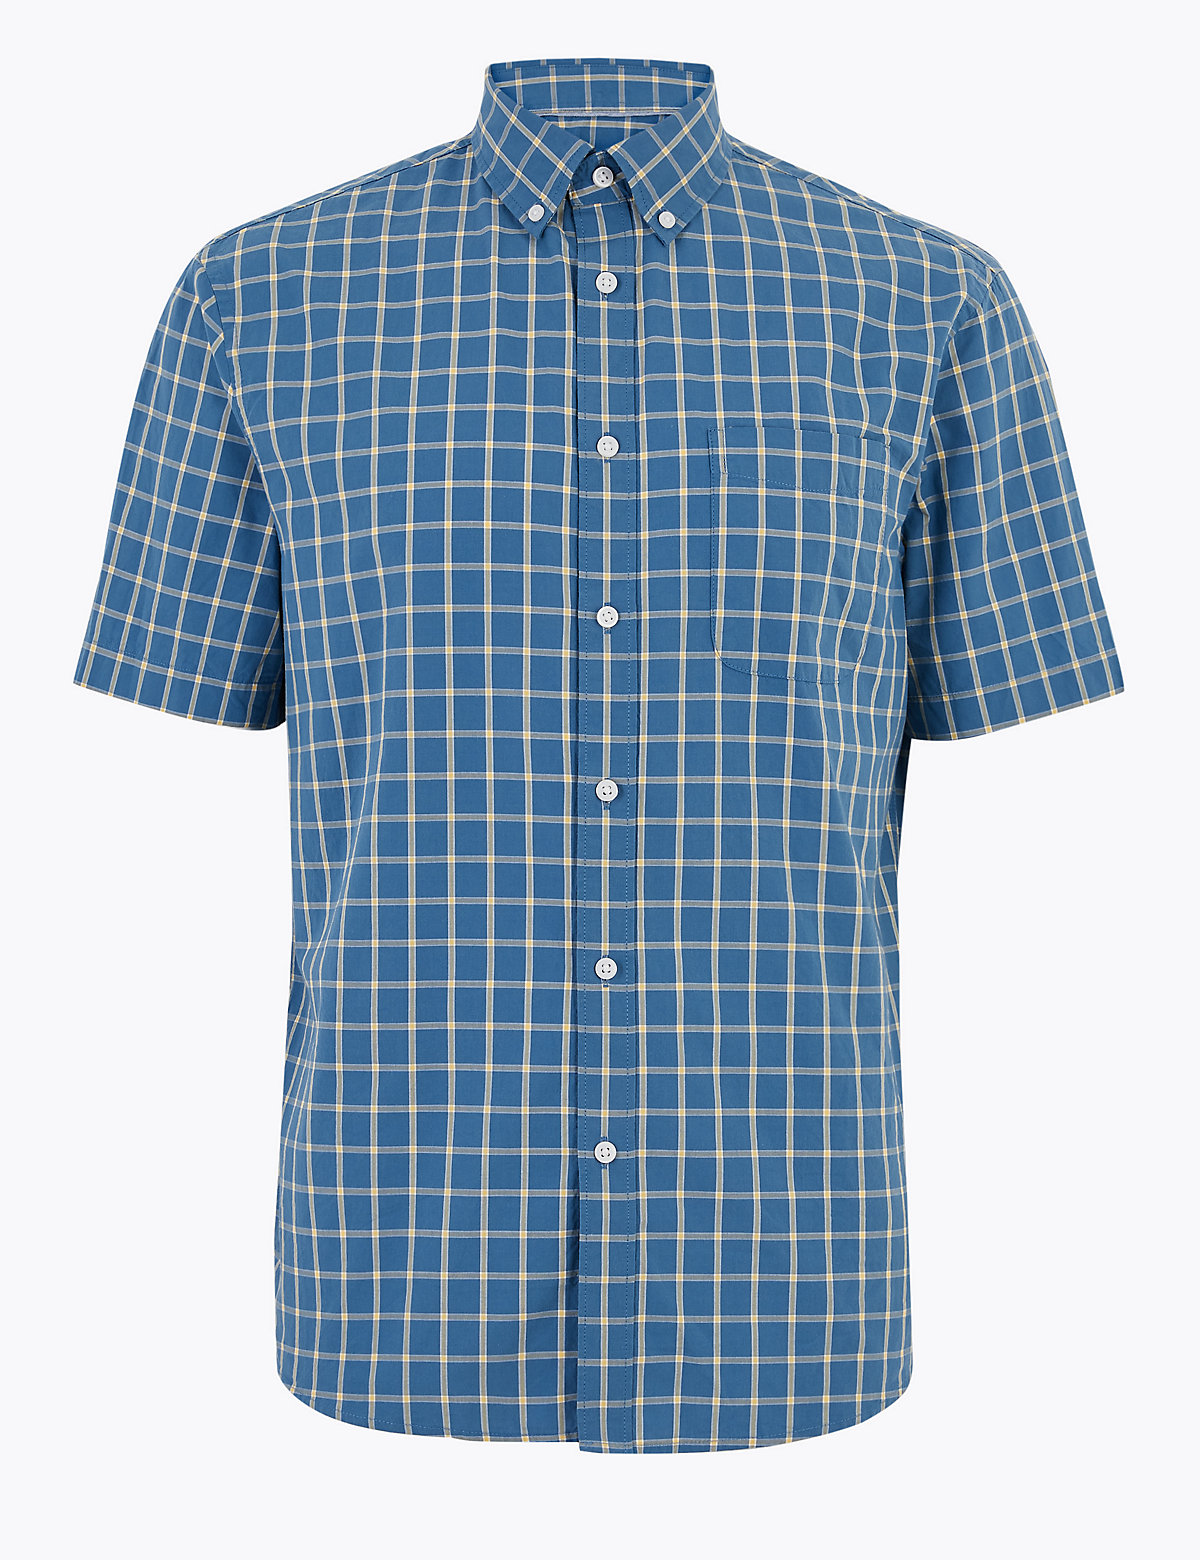 Хлопчатобумажная рубашка в клетку